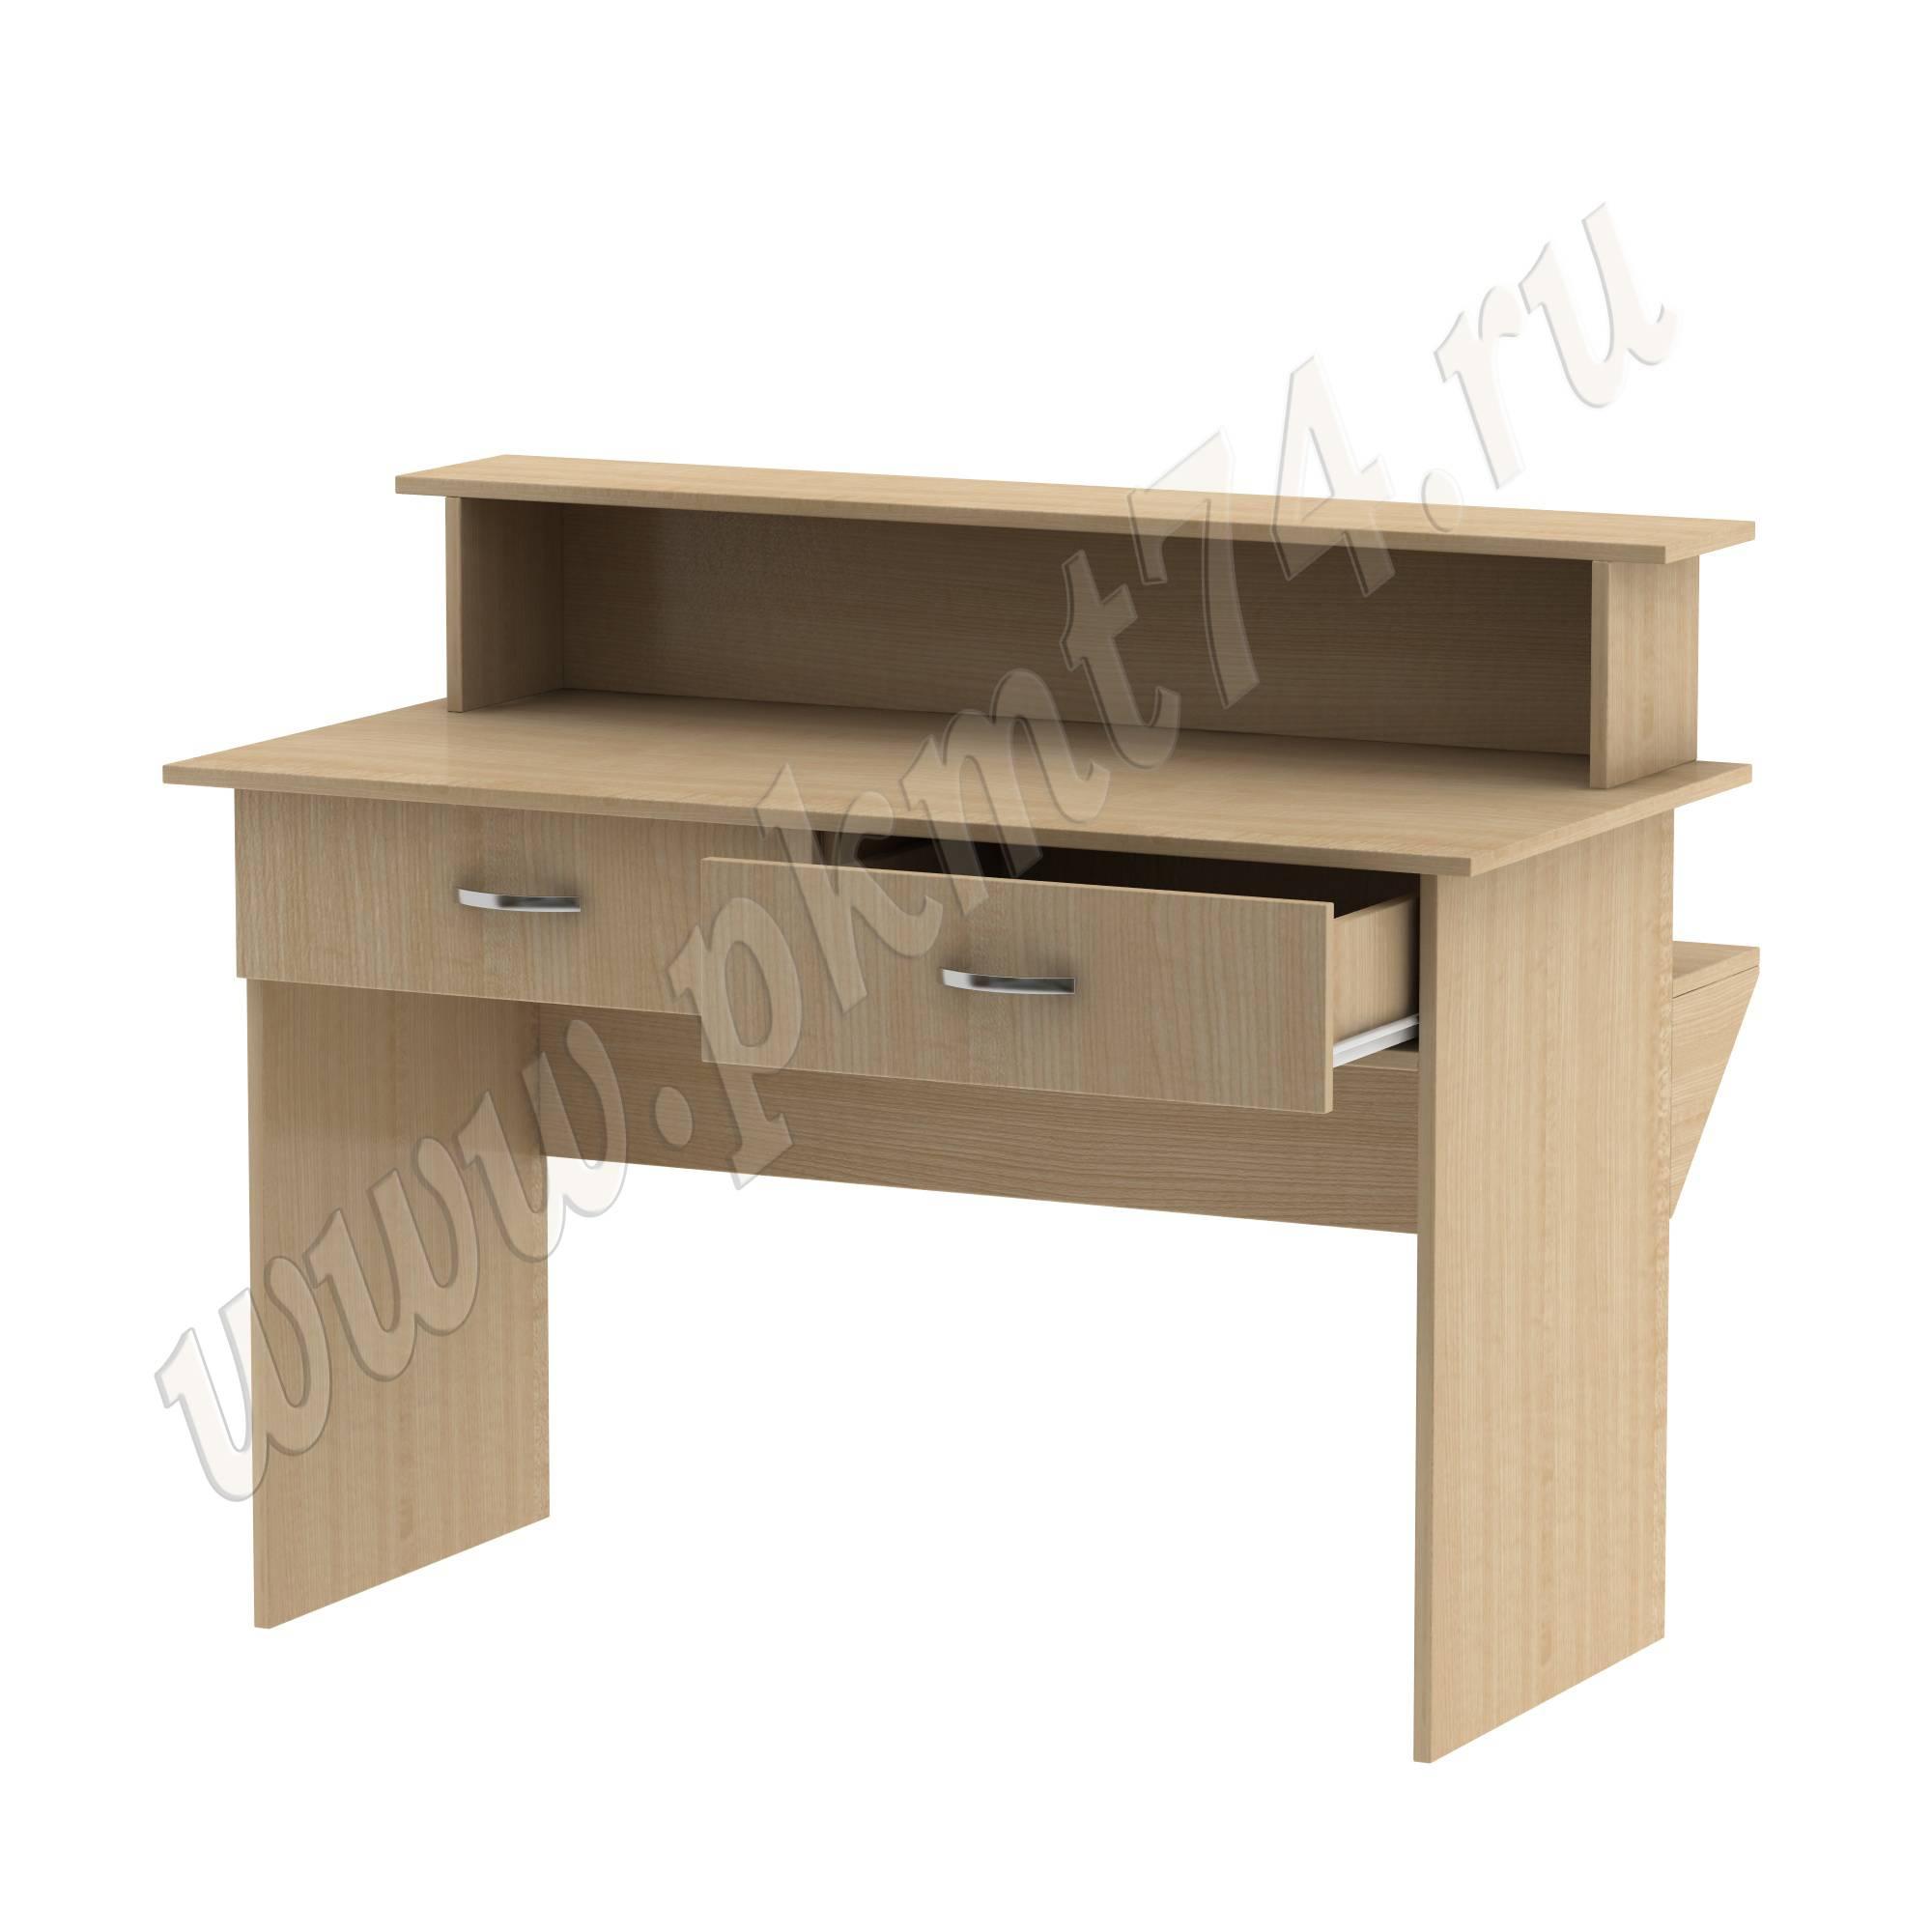 Стол барьер с ящиками под формуляры [Цвет ЛДСП:: Клён]